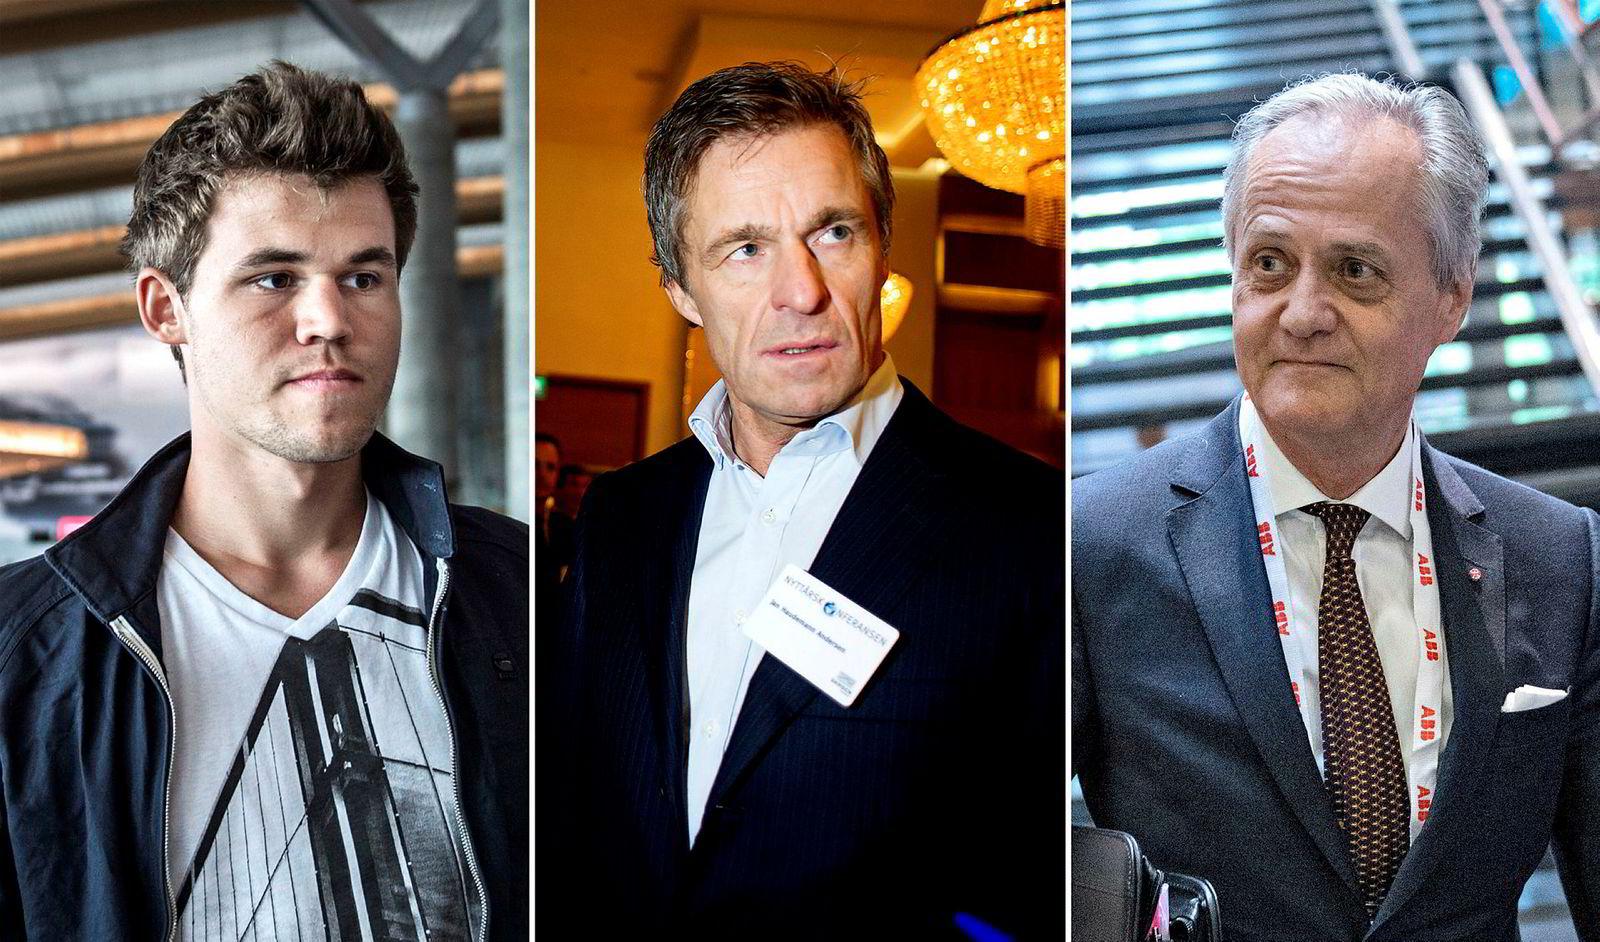 Idekapital Fund 1 forvalter en halv milliard kroner på vegne av blant andre sjakkspiller Magnus Carlsen (fra venstre) og investorene Jan Haudemann-Andersen og Kristian Siem.